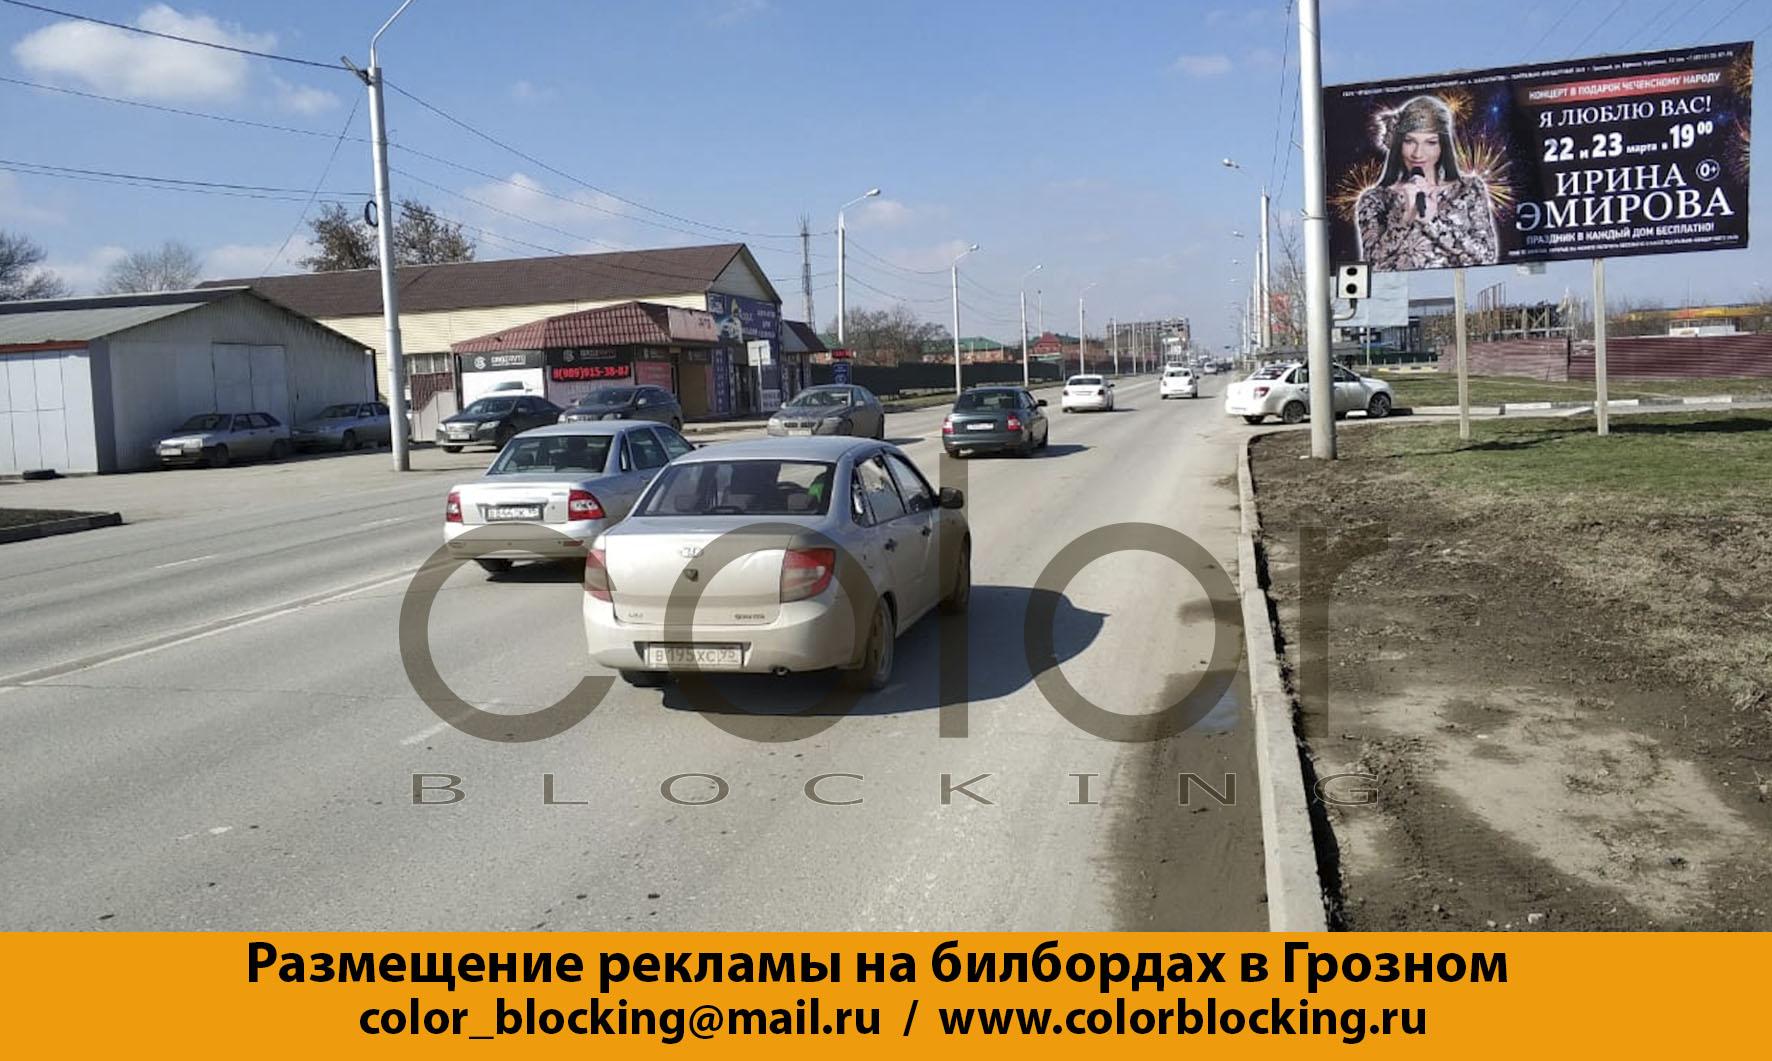 Реклама в Грозном на билбордах Старопромыссловское шоссе